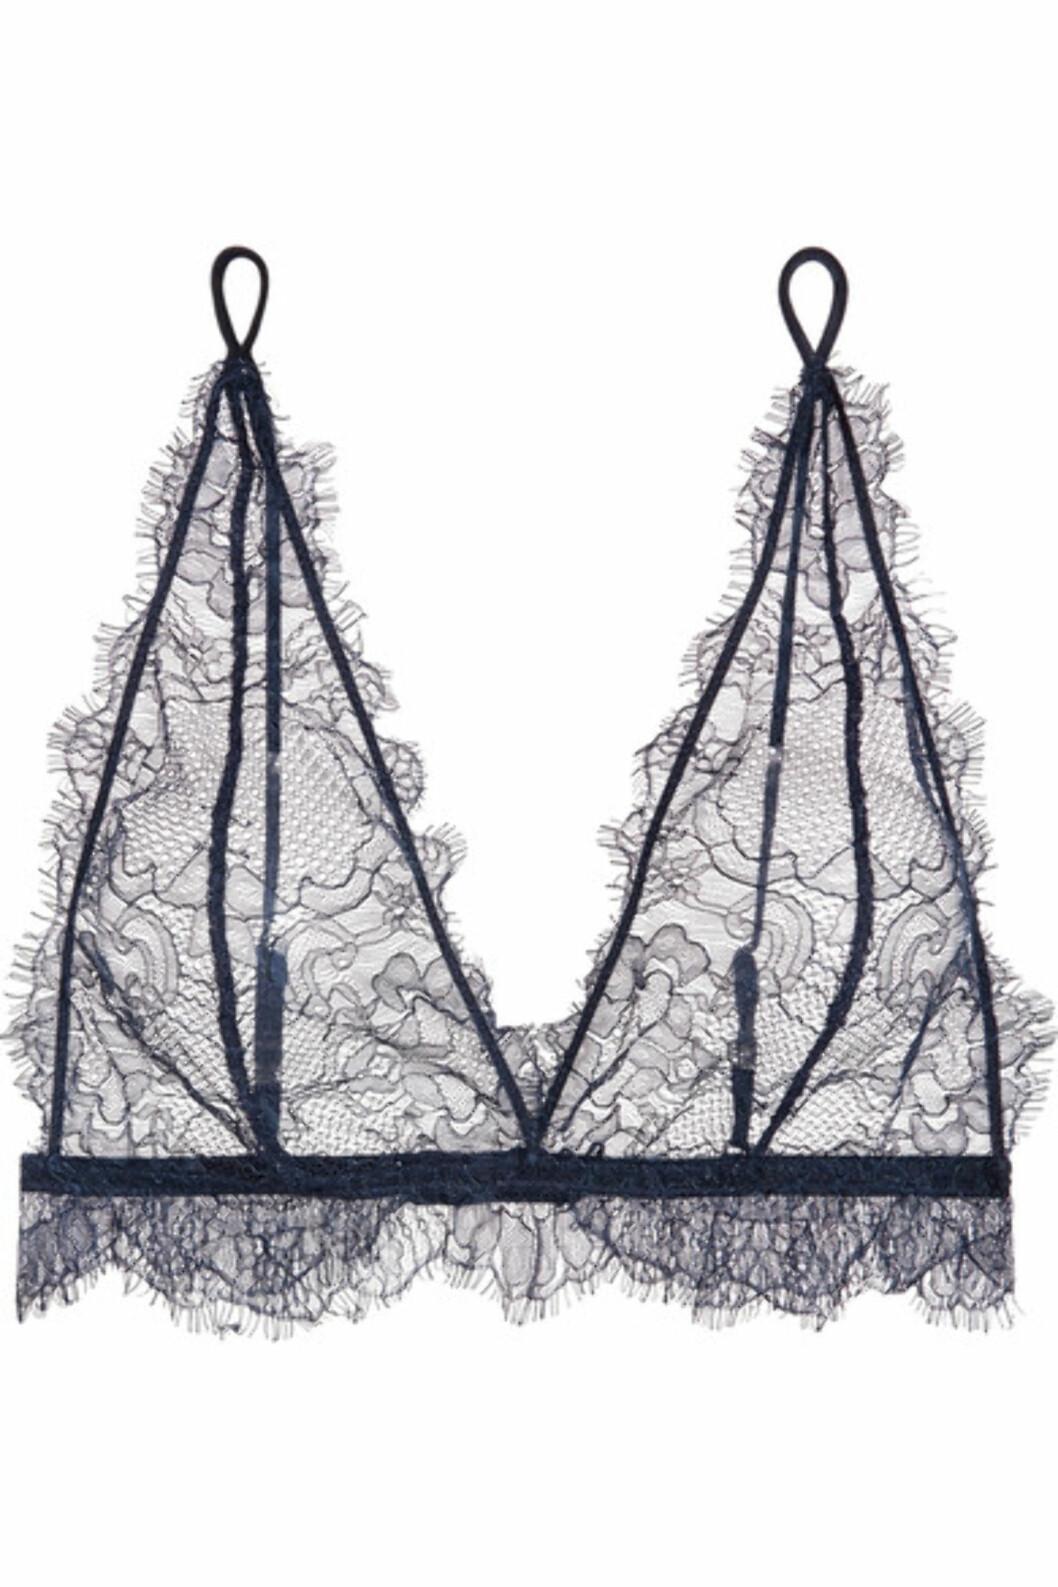 Bh fra Anine Bing via Net-a-porter.com |1085,-| https://www.net-a-porter.com/no/en/product/975099/anine_bing/stretch-lace-soft-cup-bra